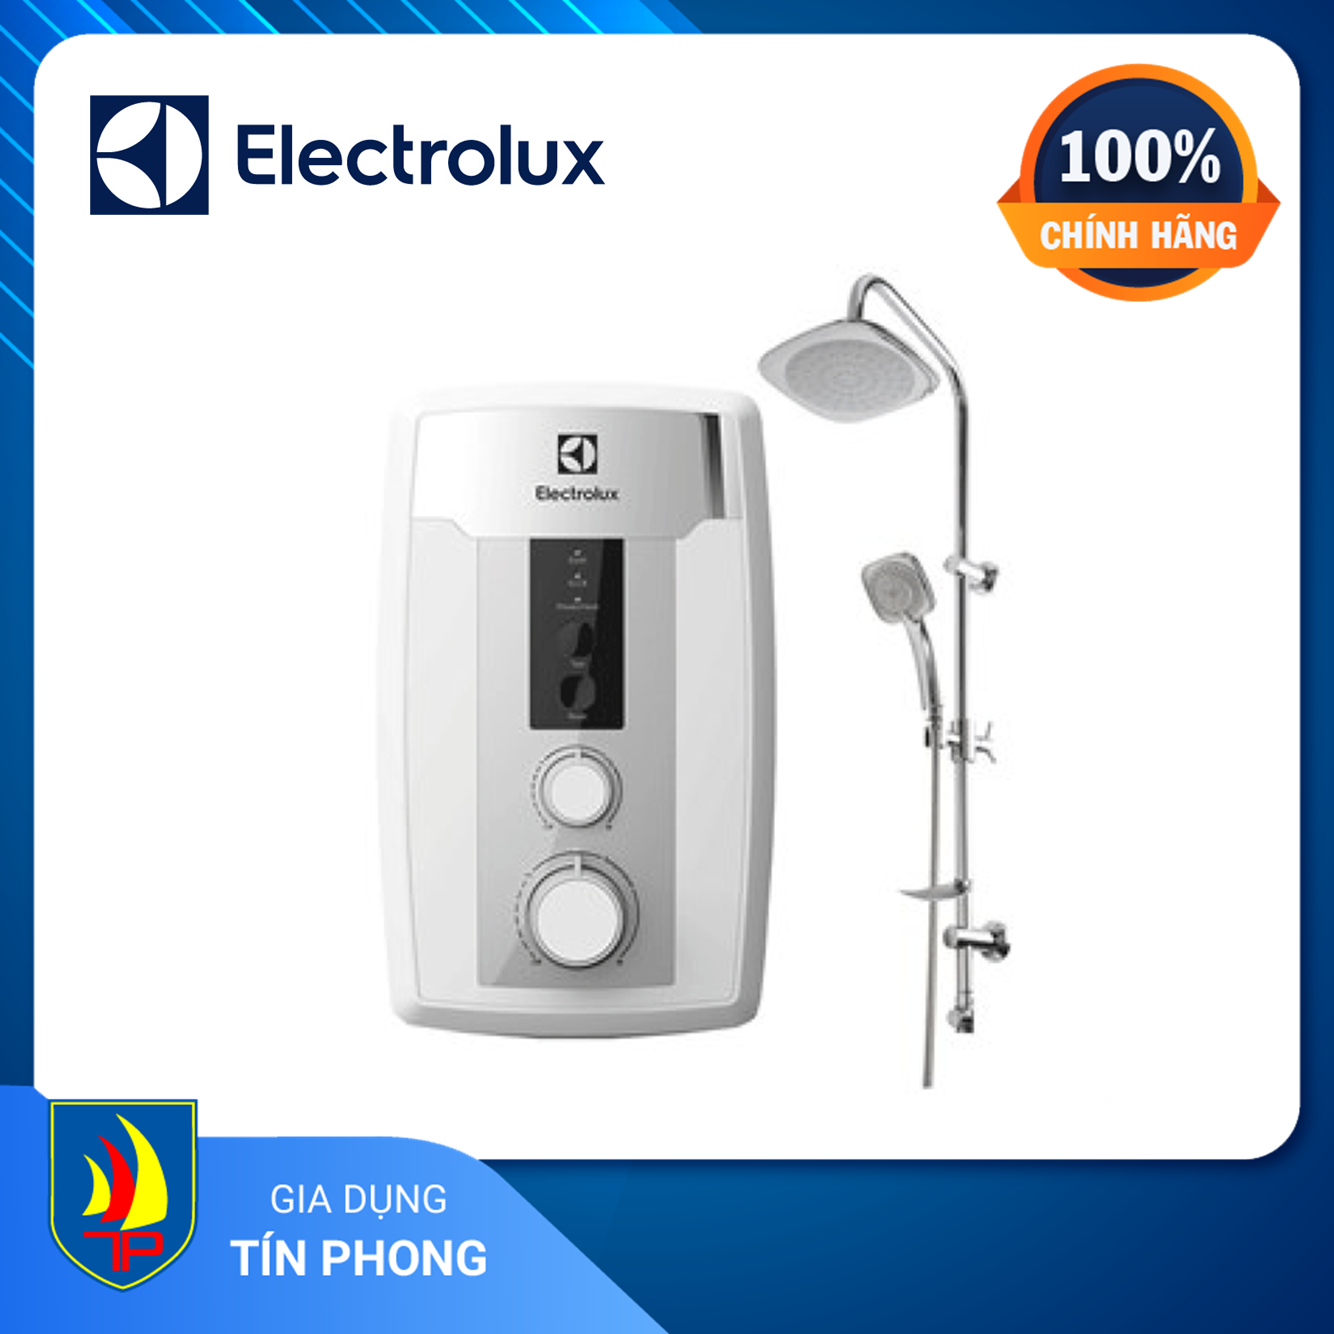 Deal Ưu Đãi MÁY NƯỚC NÓNG ELECTROLUX EWE451HB-DWS2. Làm Nóng Trực Tiếp. Công Suất Làm Nóng: 4500 W. Bơm Trợ Lực: Có.